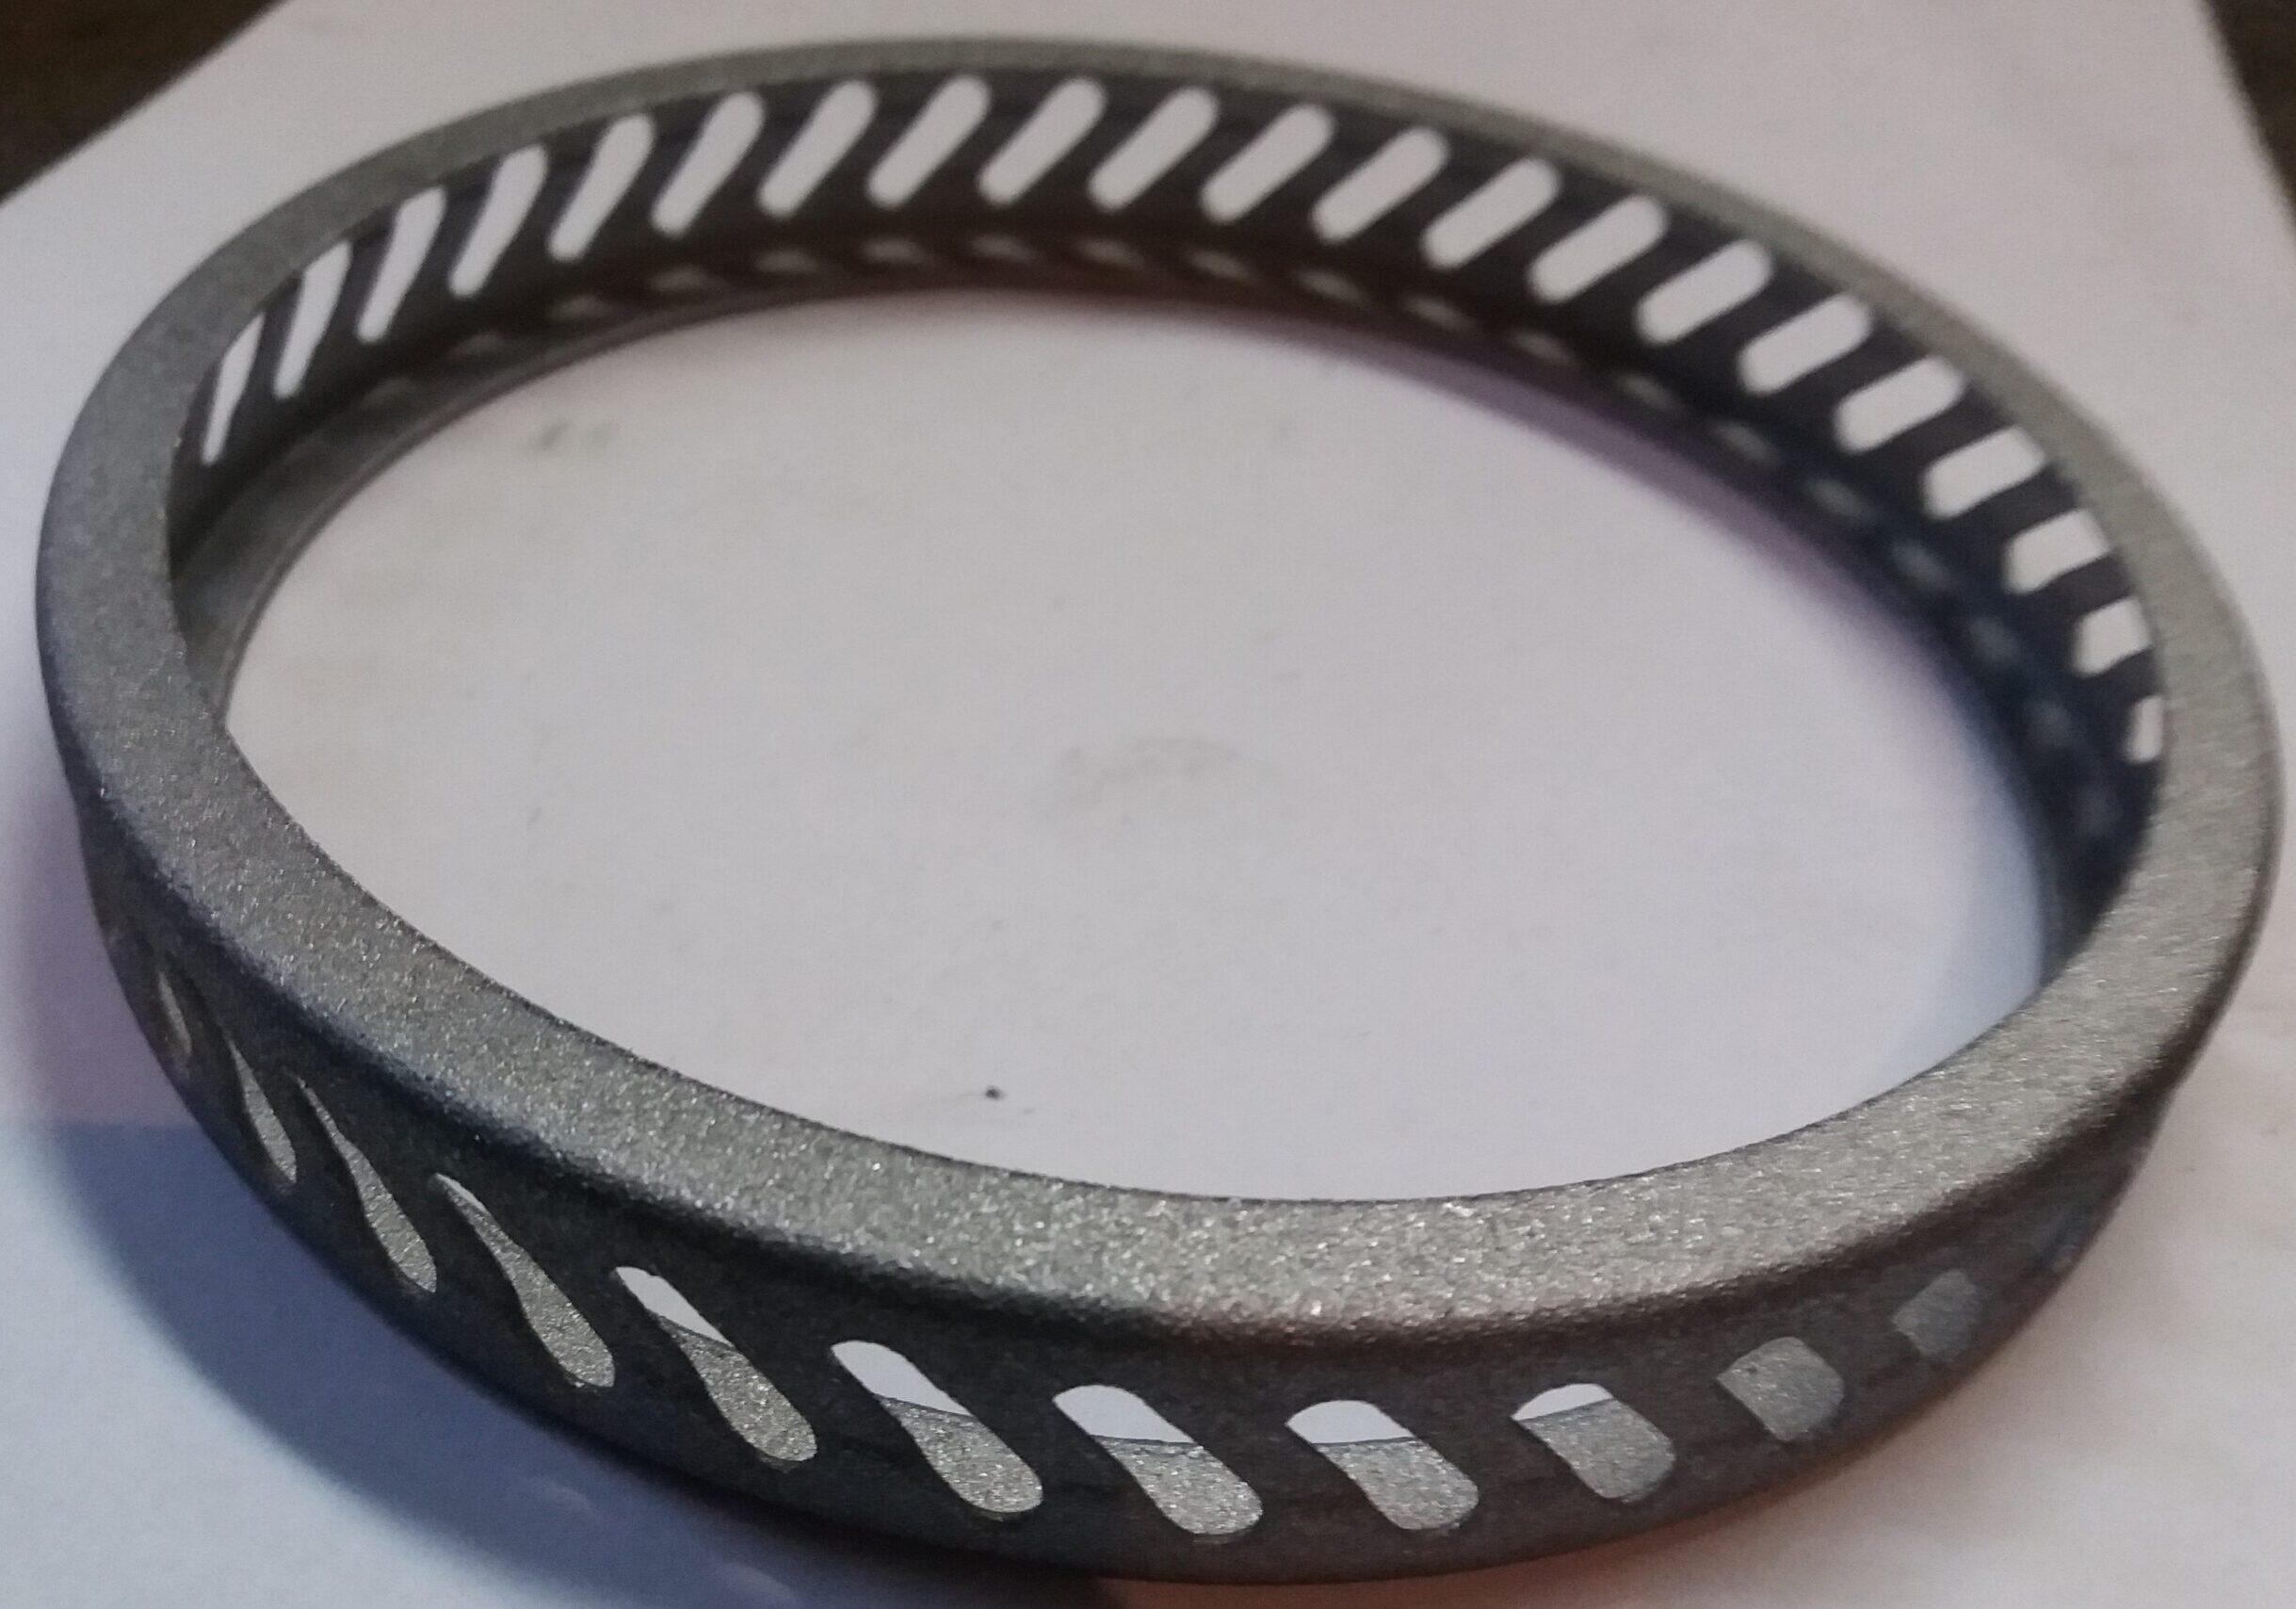 кольцо диффузионное узкое для 3017/3024ex gold medal products